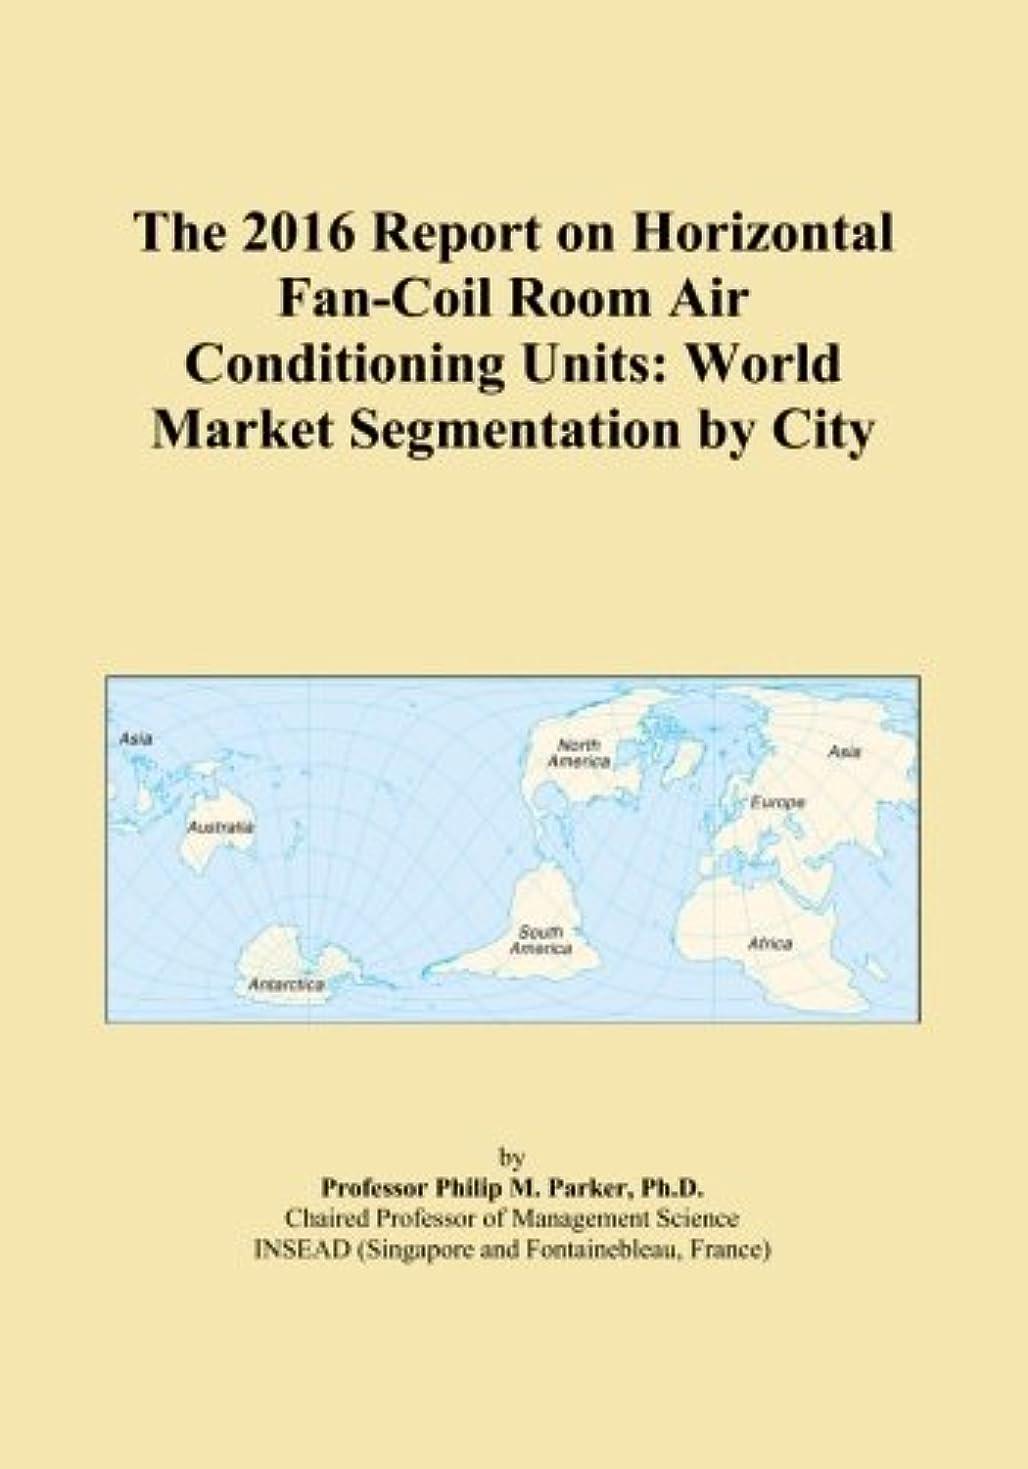 眠り場合目指すThe 2016 Report on Horizontal Fan-Coil Room Air Conditioning Units: World Market Segmentation by City